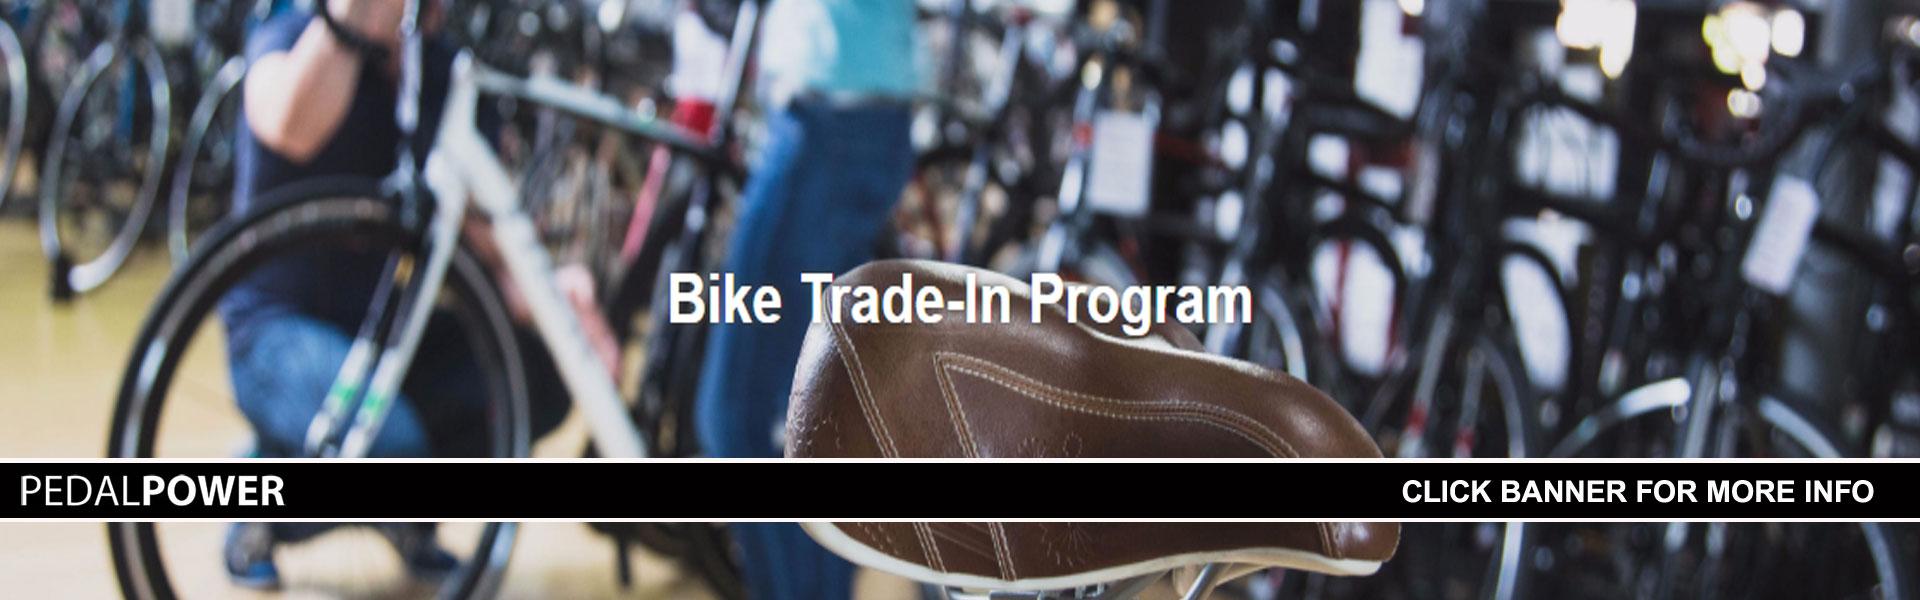 PedalPower Bike TradeIn